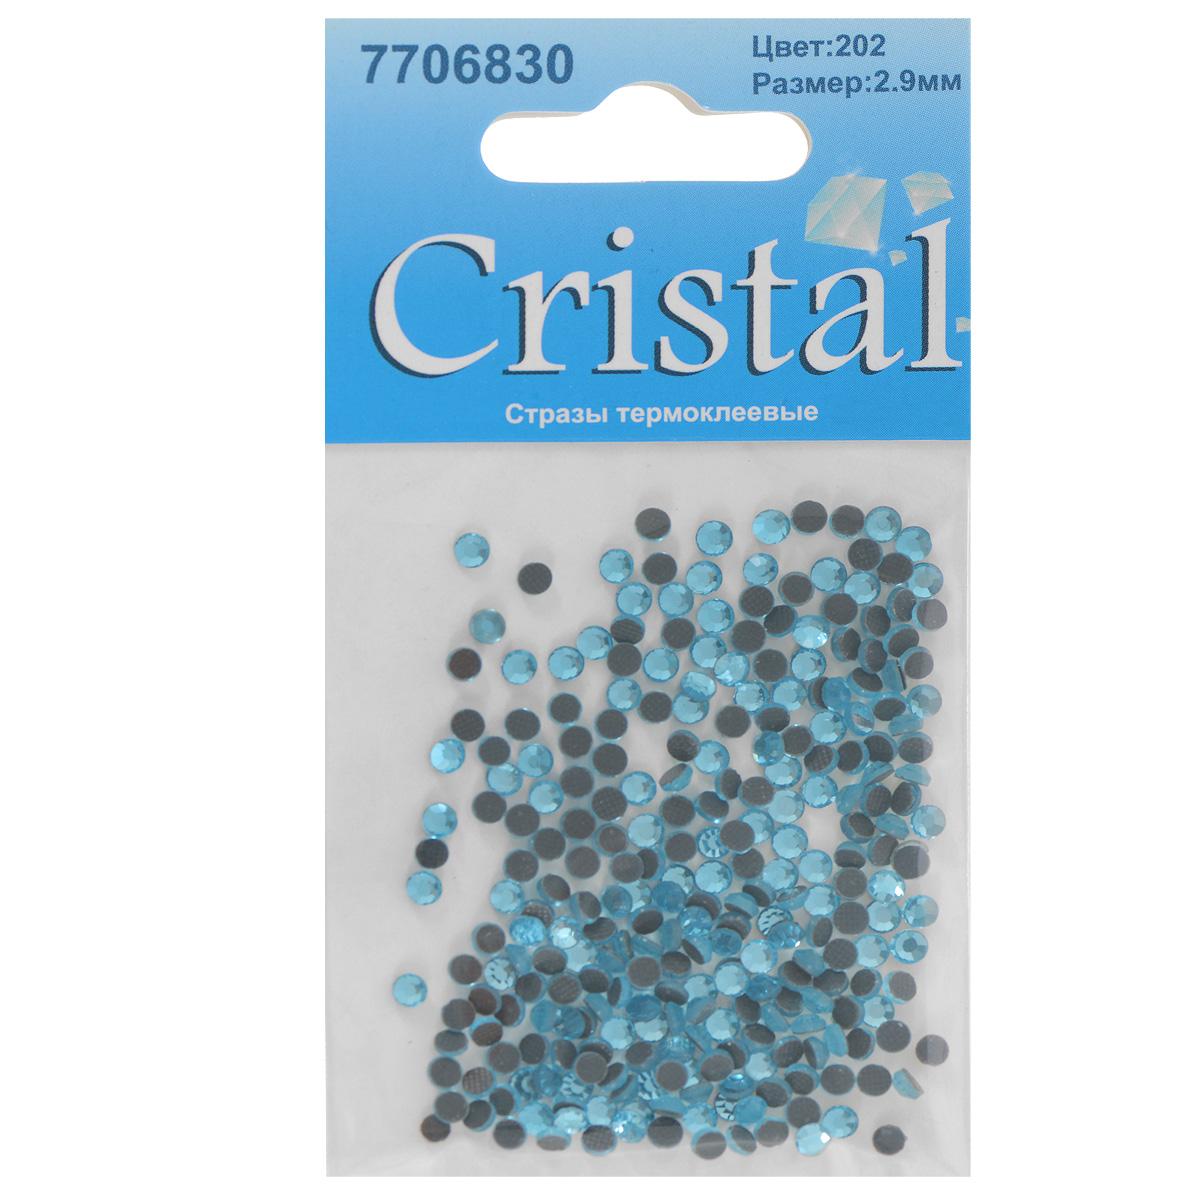 Стразы термоклеевые Cristal, цвет: голубой (202), диаметр 2,9 мм, 288 шт19201Набор термоклеевых страз Cristal, изготовленный из высококачественного акрила, позволит вам украсить одежду, аксессуары или текстиль. Яркие стразы имеют плоское дно и круглую поверхность с гранями.Дно термоклеевых страз уже обработано особым клеем, который под воздействием высоких температур начинает плавиться, приклеиваясь, таким образом, к требуемой поверхности. Чаще всего их используют в текстильной промышленности: стразы прикладывают к ткани и проглаживают утюгом с обратной стороны. Также можно использовать специальный паяльник. Украшение стразами поможет сделать любую вещь оригинальной и неповторимой. Диаметр страз: 2,9 мм.